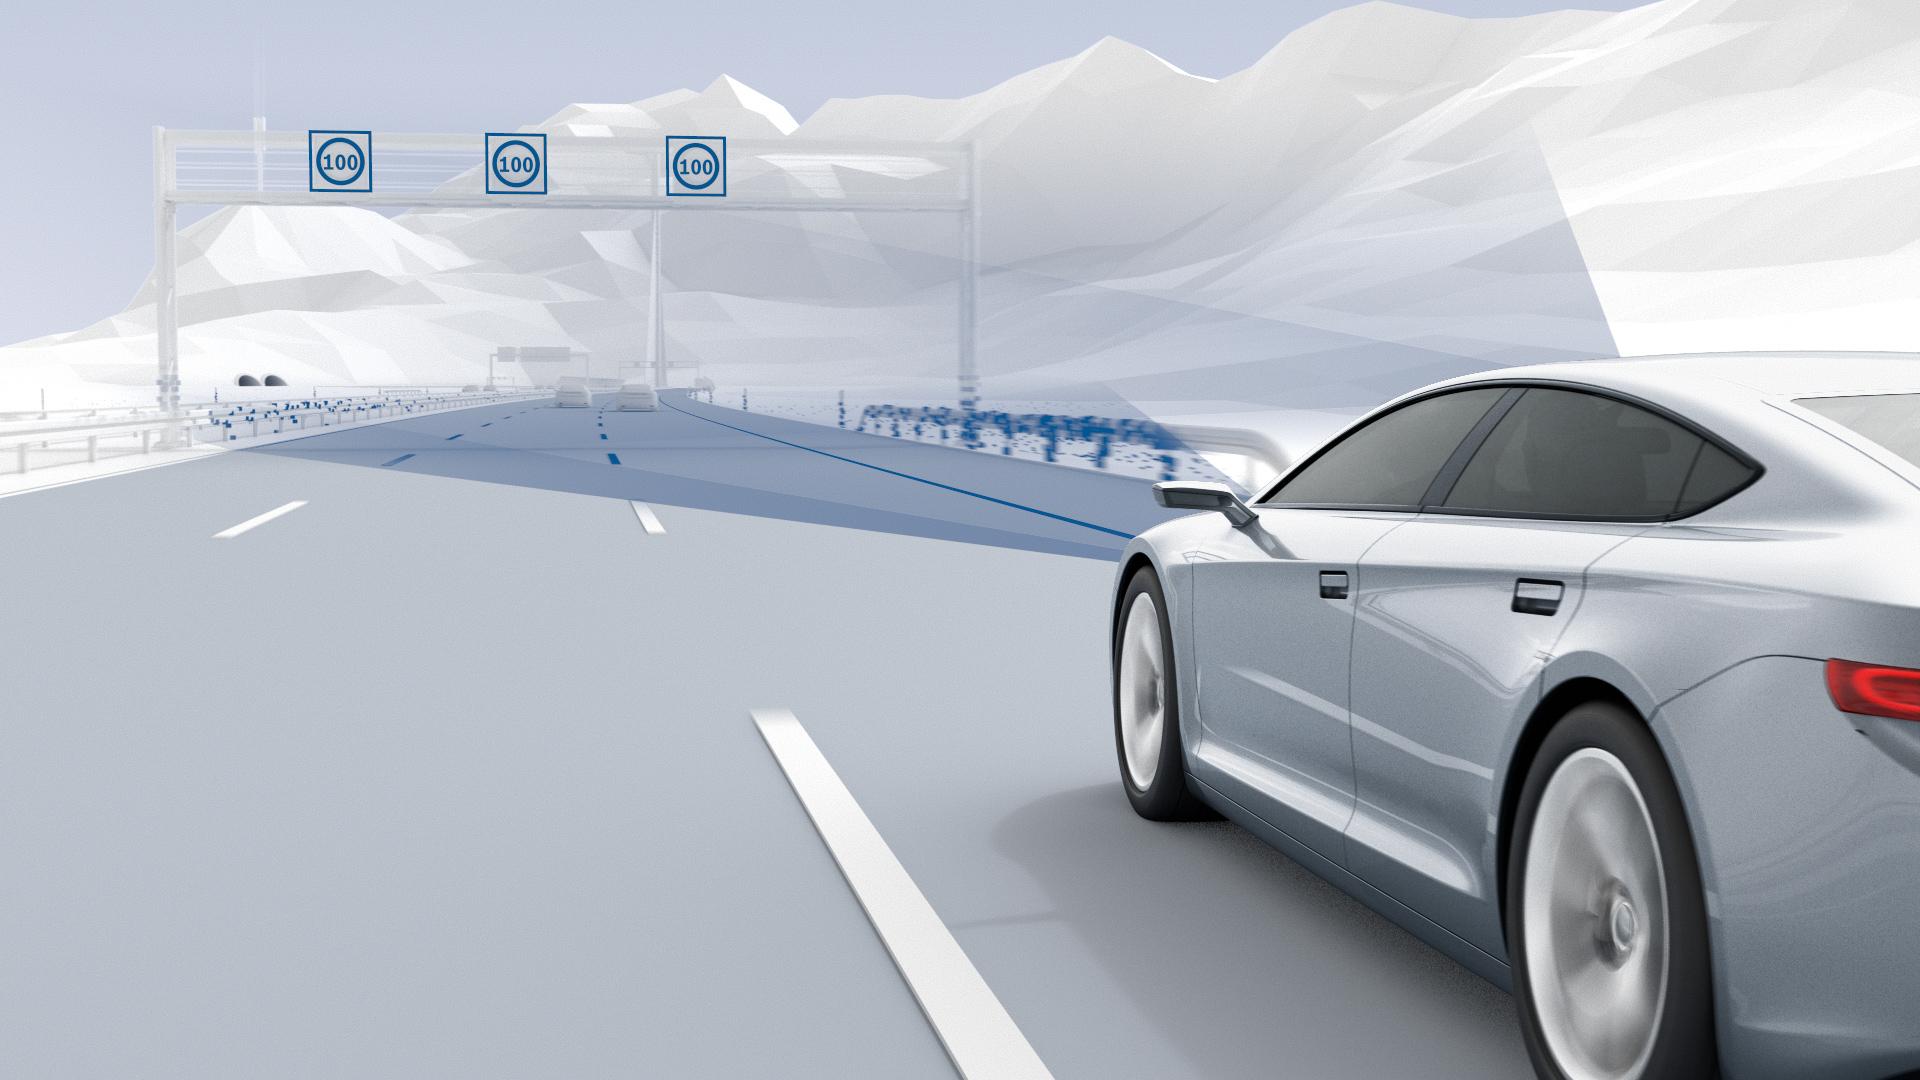 Lokalizácia automatizovaných vozidiel